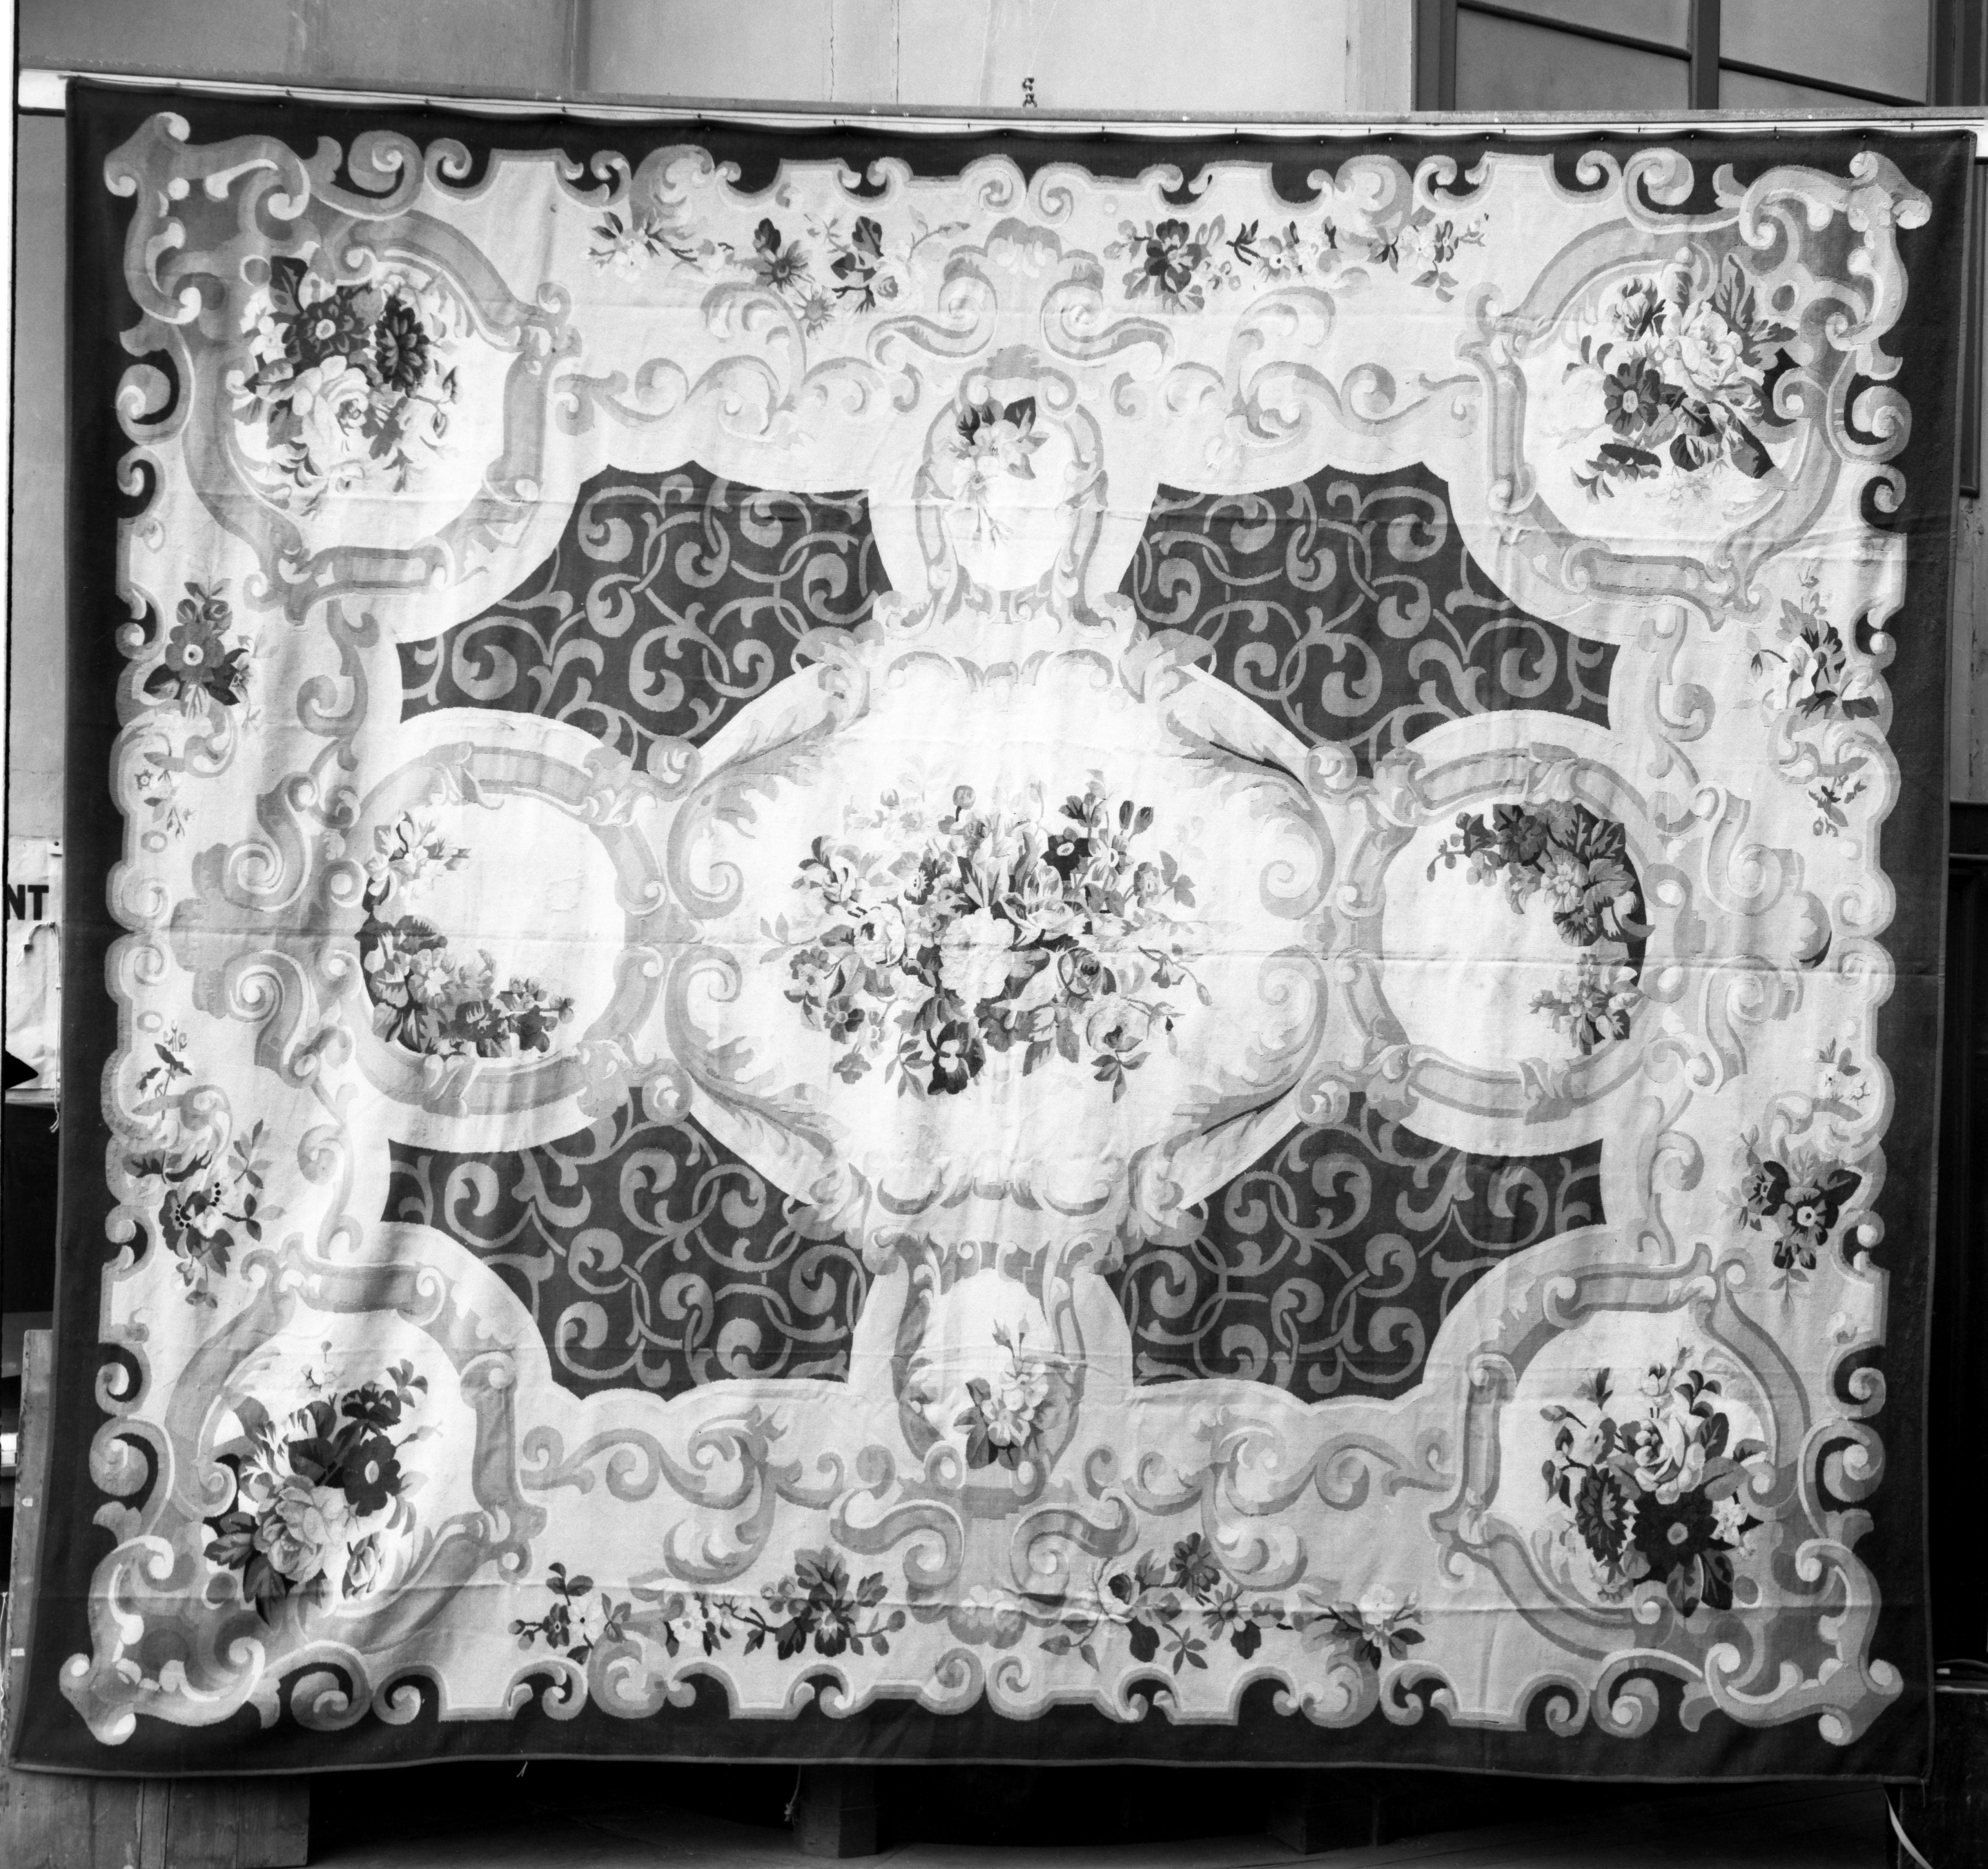 mnr/OAR00526/OAR526-copyright_Musee_du_Louvre-departement_des_Objets_d_art.jpg